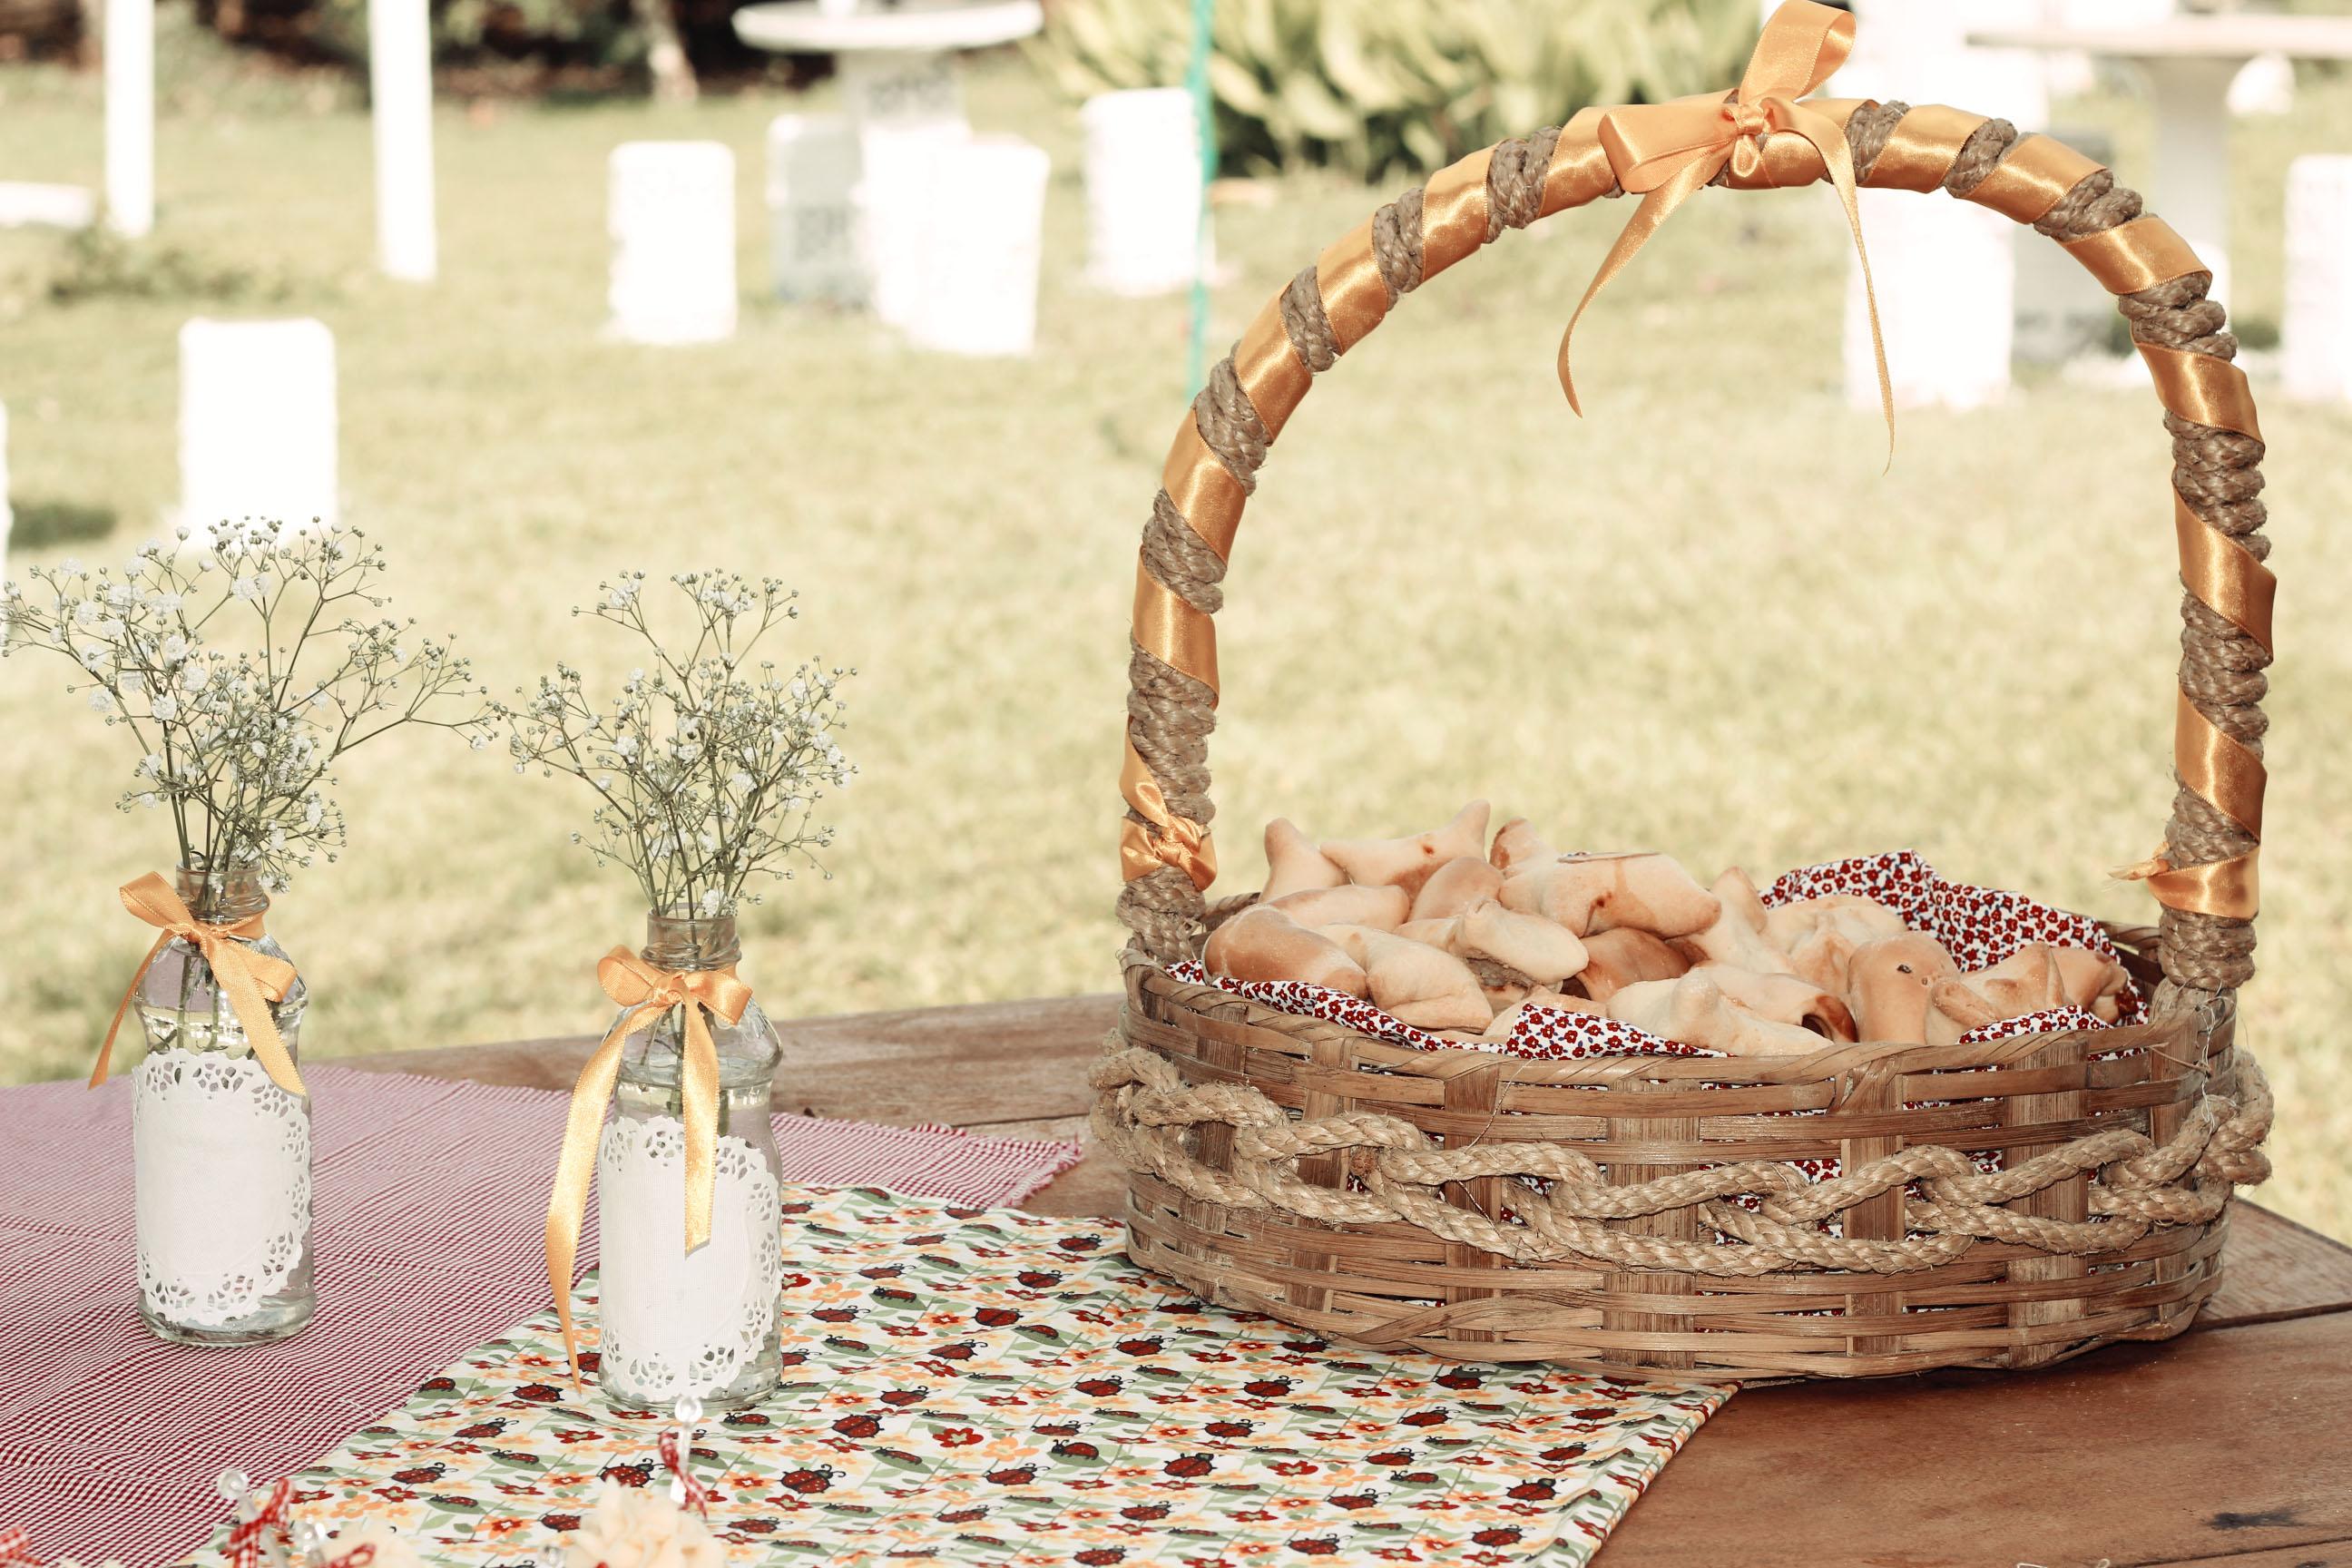 decoracao alternativa e barata para casamento : decoracao alternativa e barata para casamento:solta e inovar afinal de contas a decoração para aniversário deve